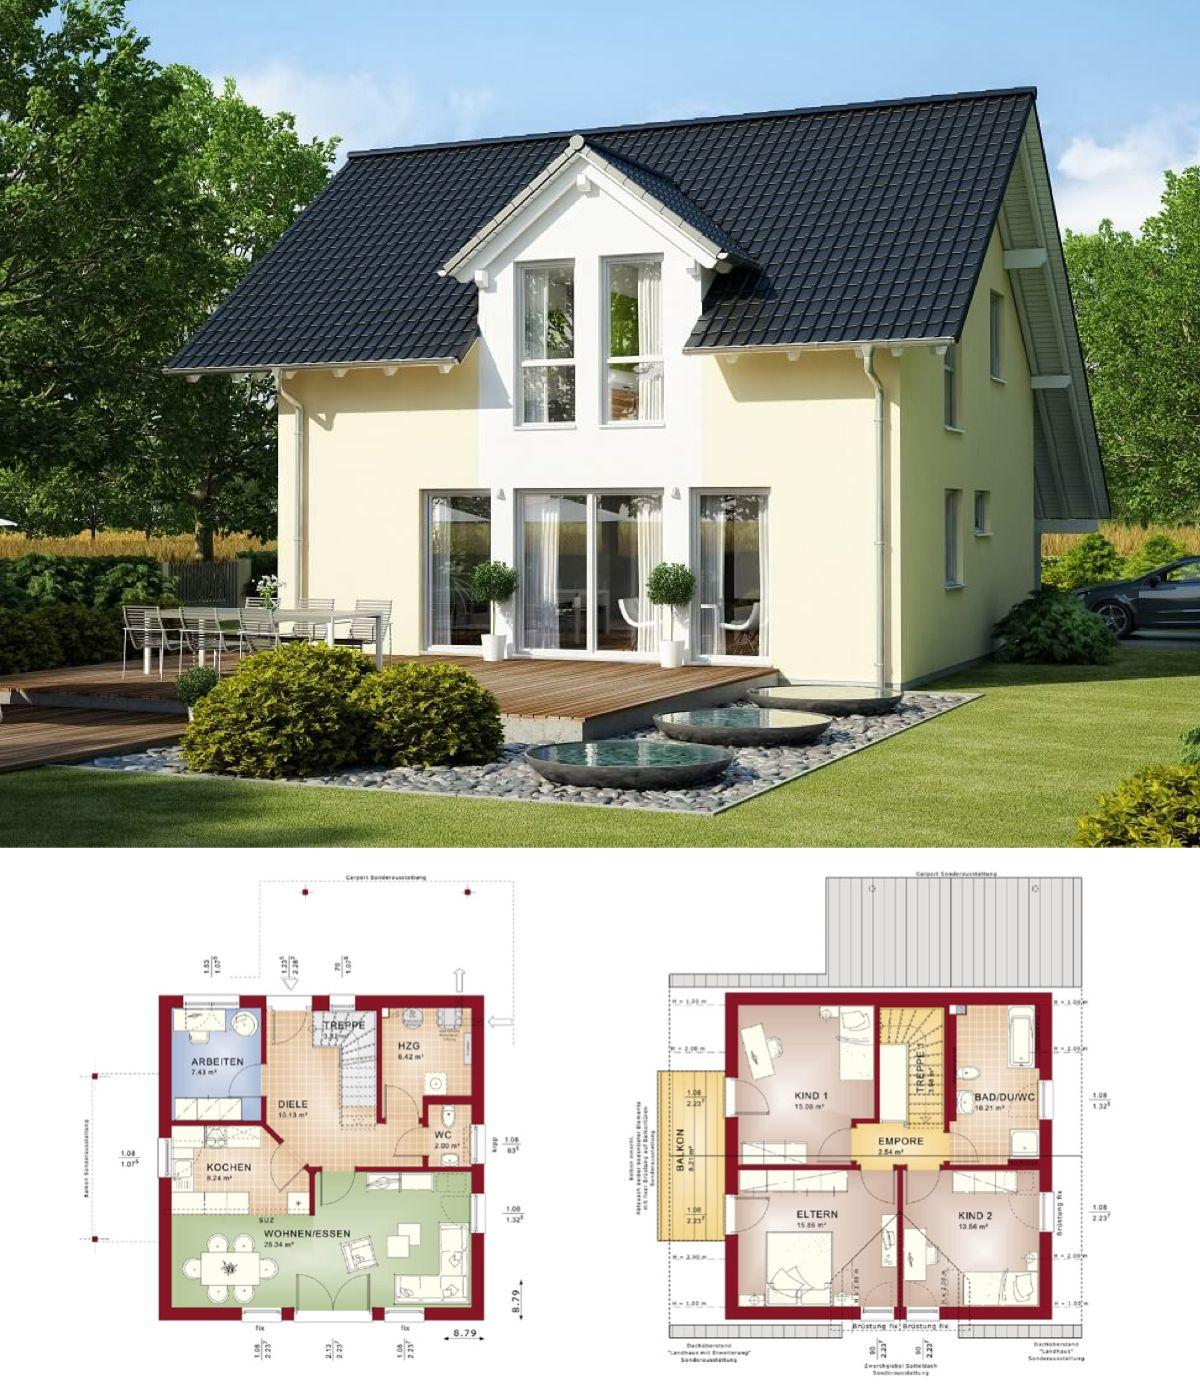 Genial Einfamilienhaus Satteldach Beste Wahl Klassisches Mit Architektur & Carport - Grundriss